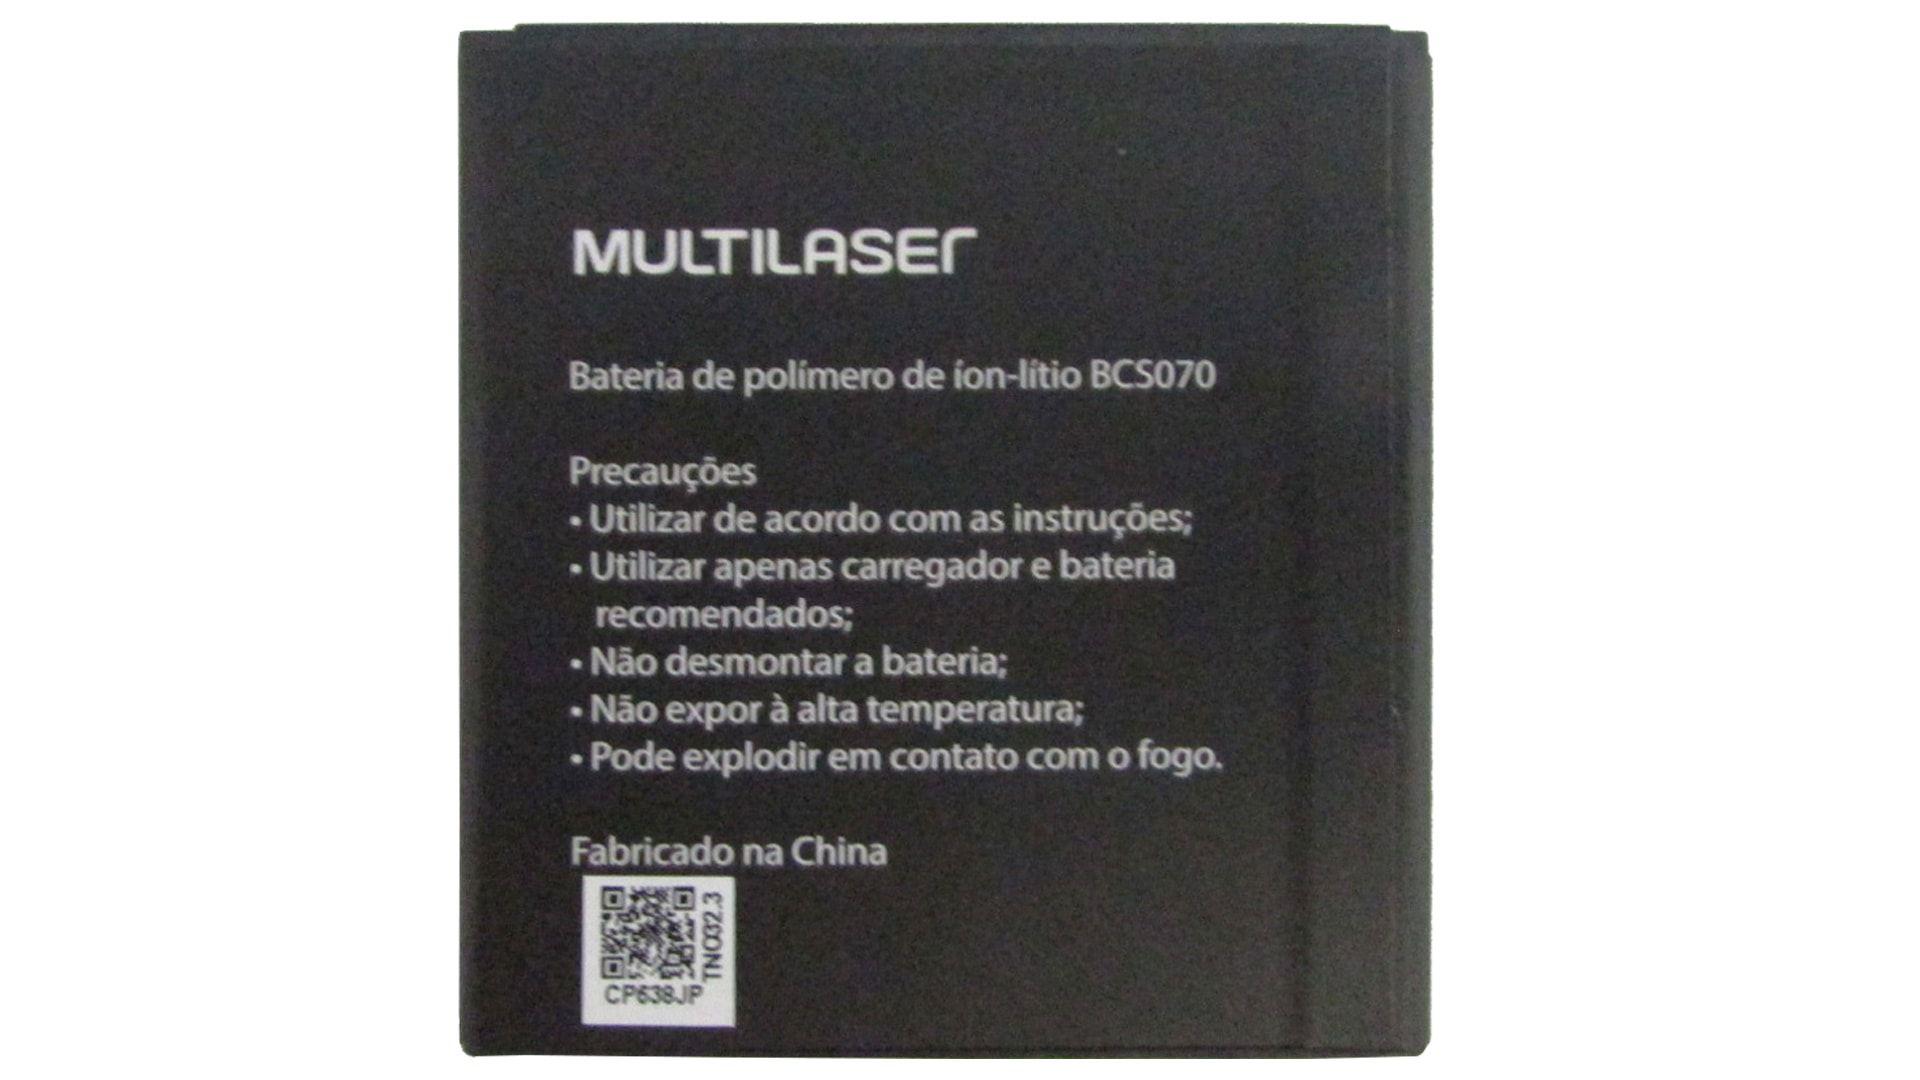 Bateria Bcs070 P/ Smartphone Ms40g P9070 P9071 Pr376